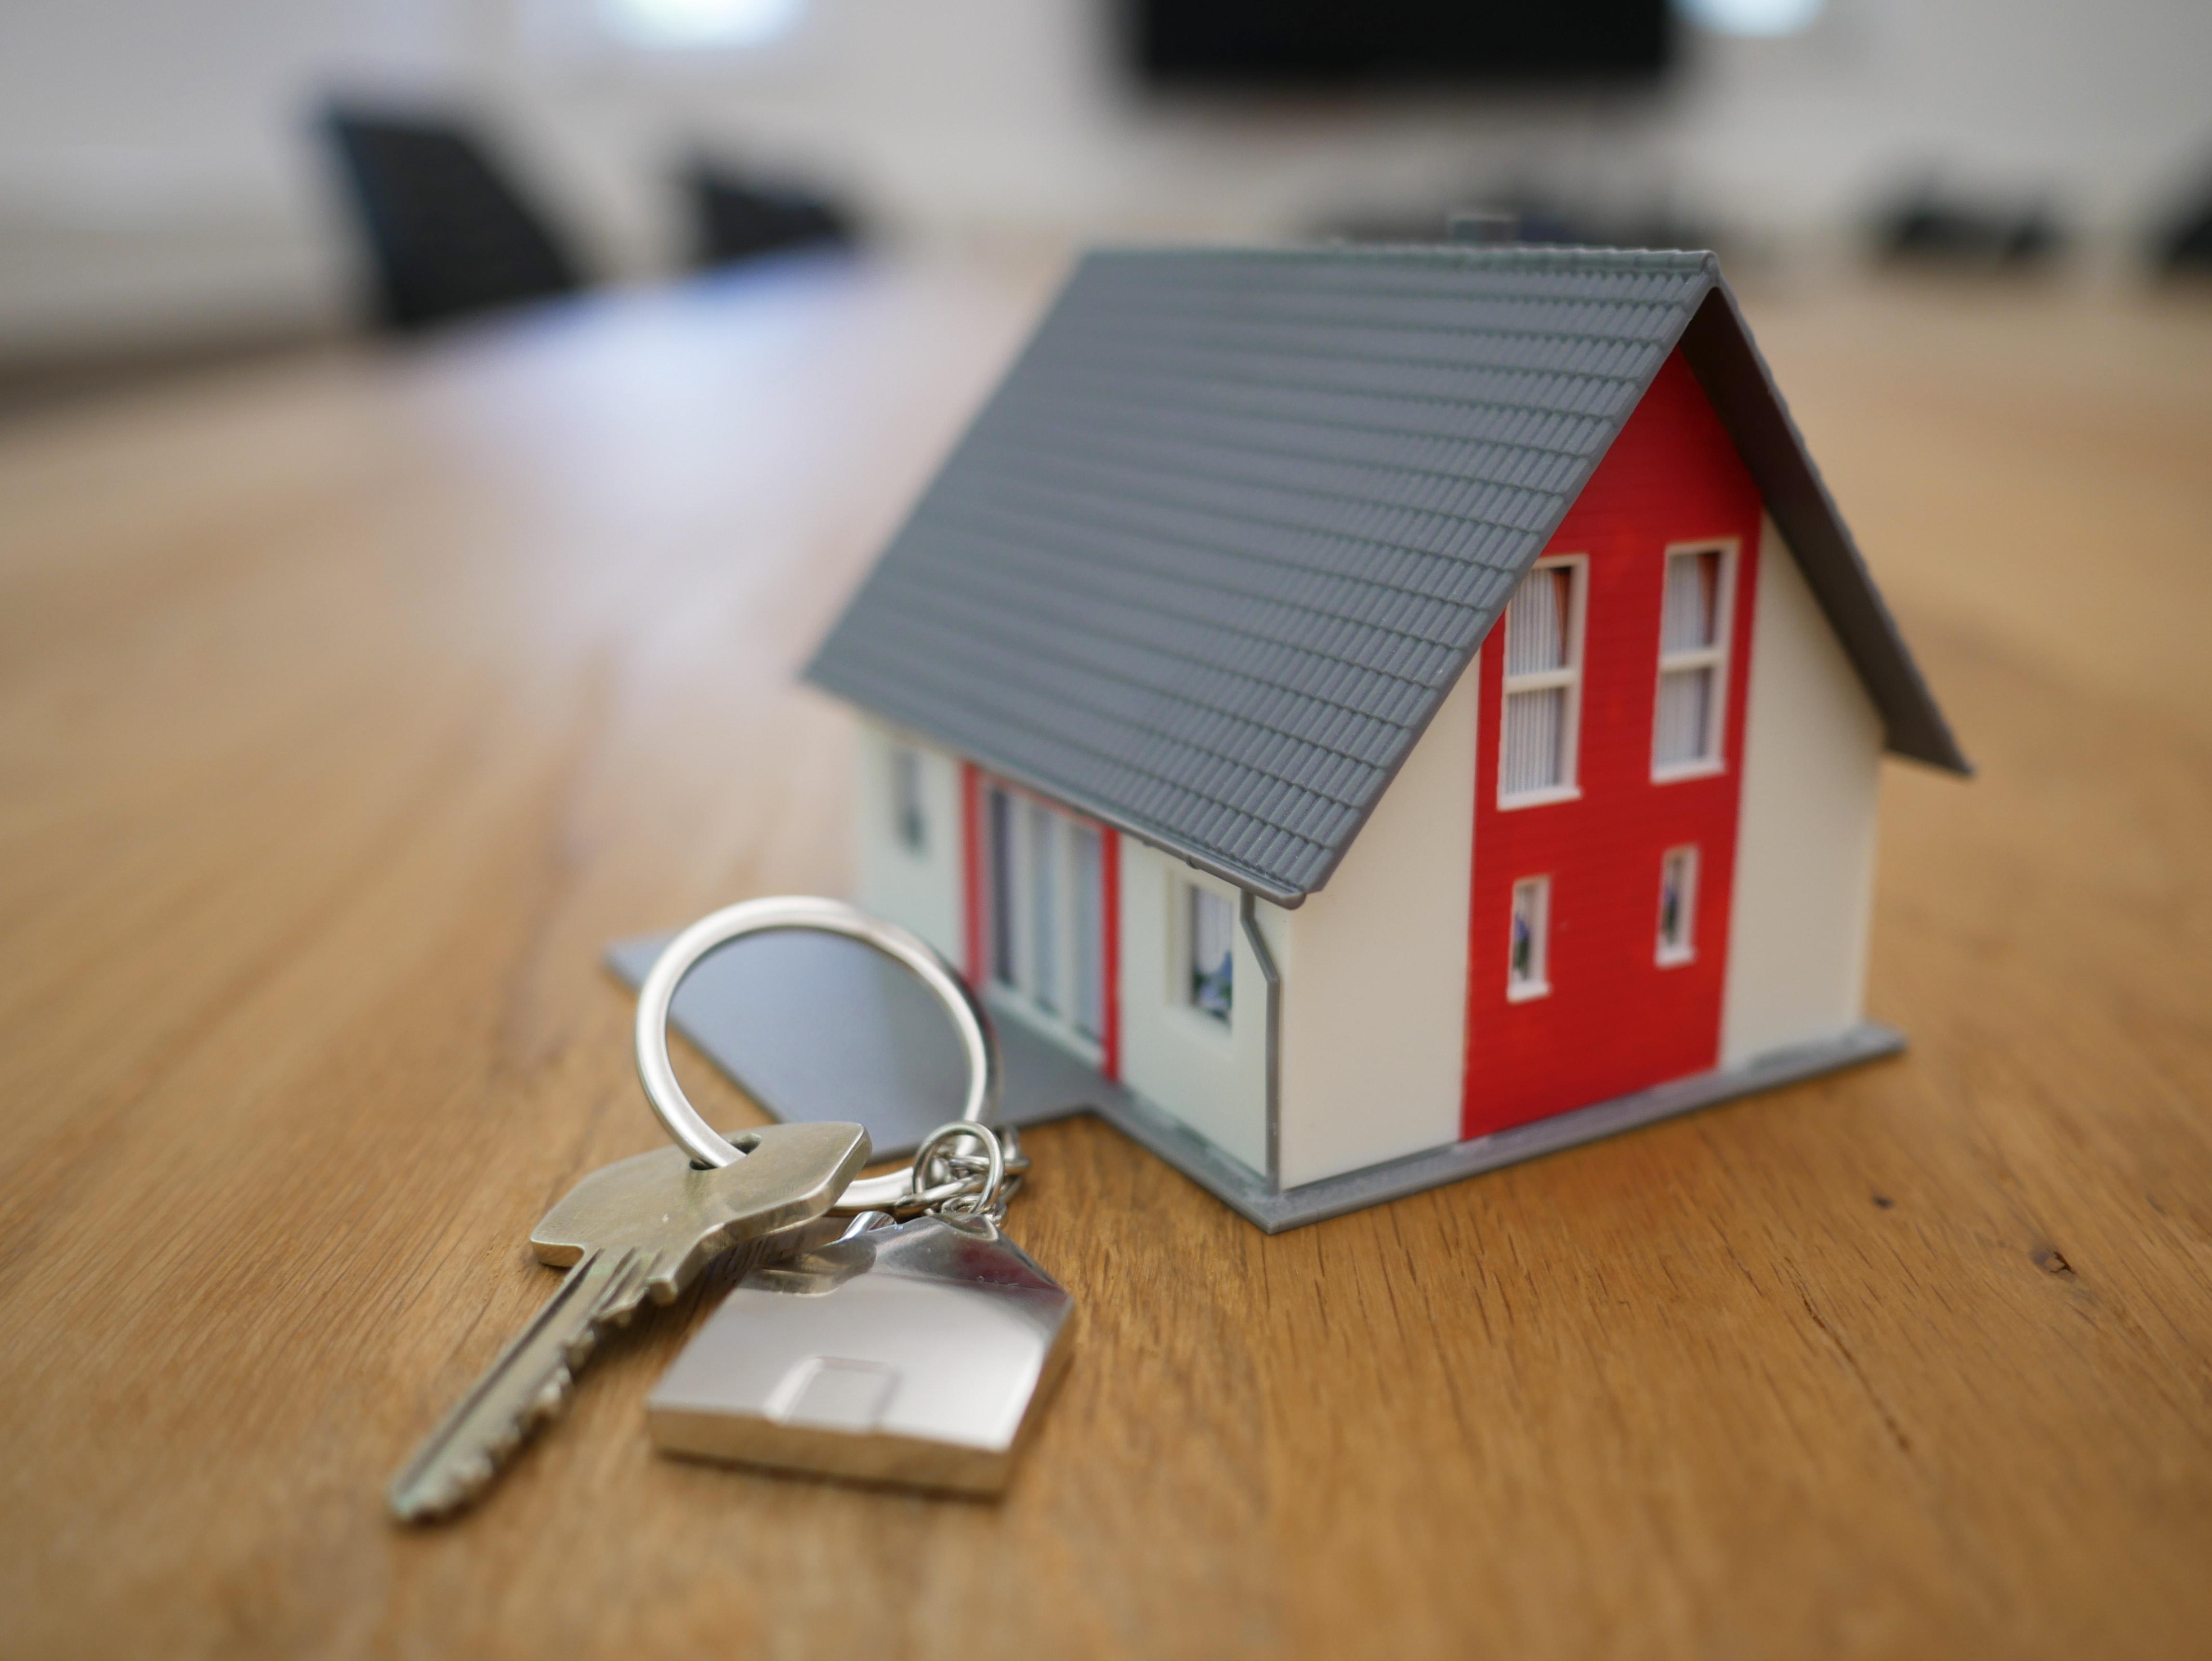 Bolåneguide: för dig som ska köpa bostad